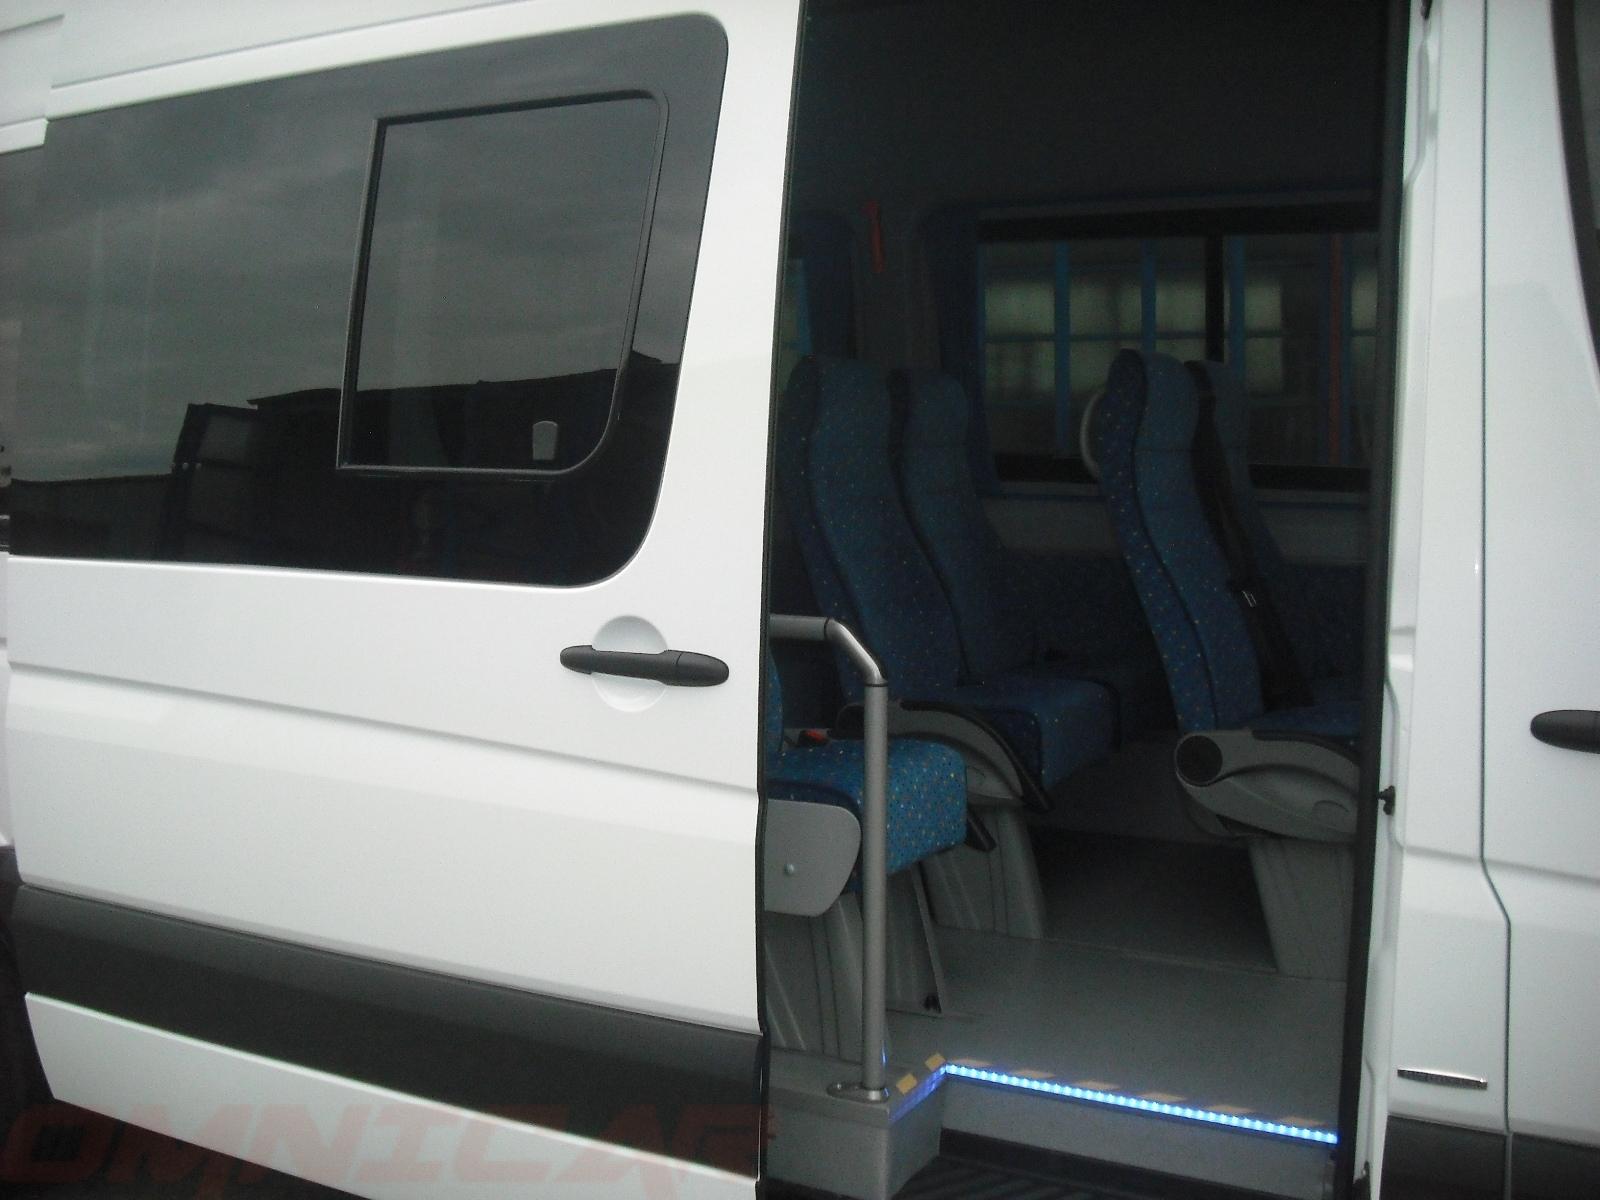 Omnicar minibus vitres tropicales 22 1 porte coulissante for Glissiere pour vitre coulissante